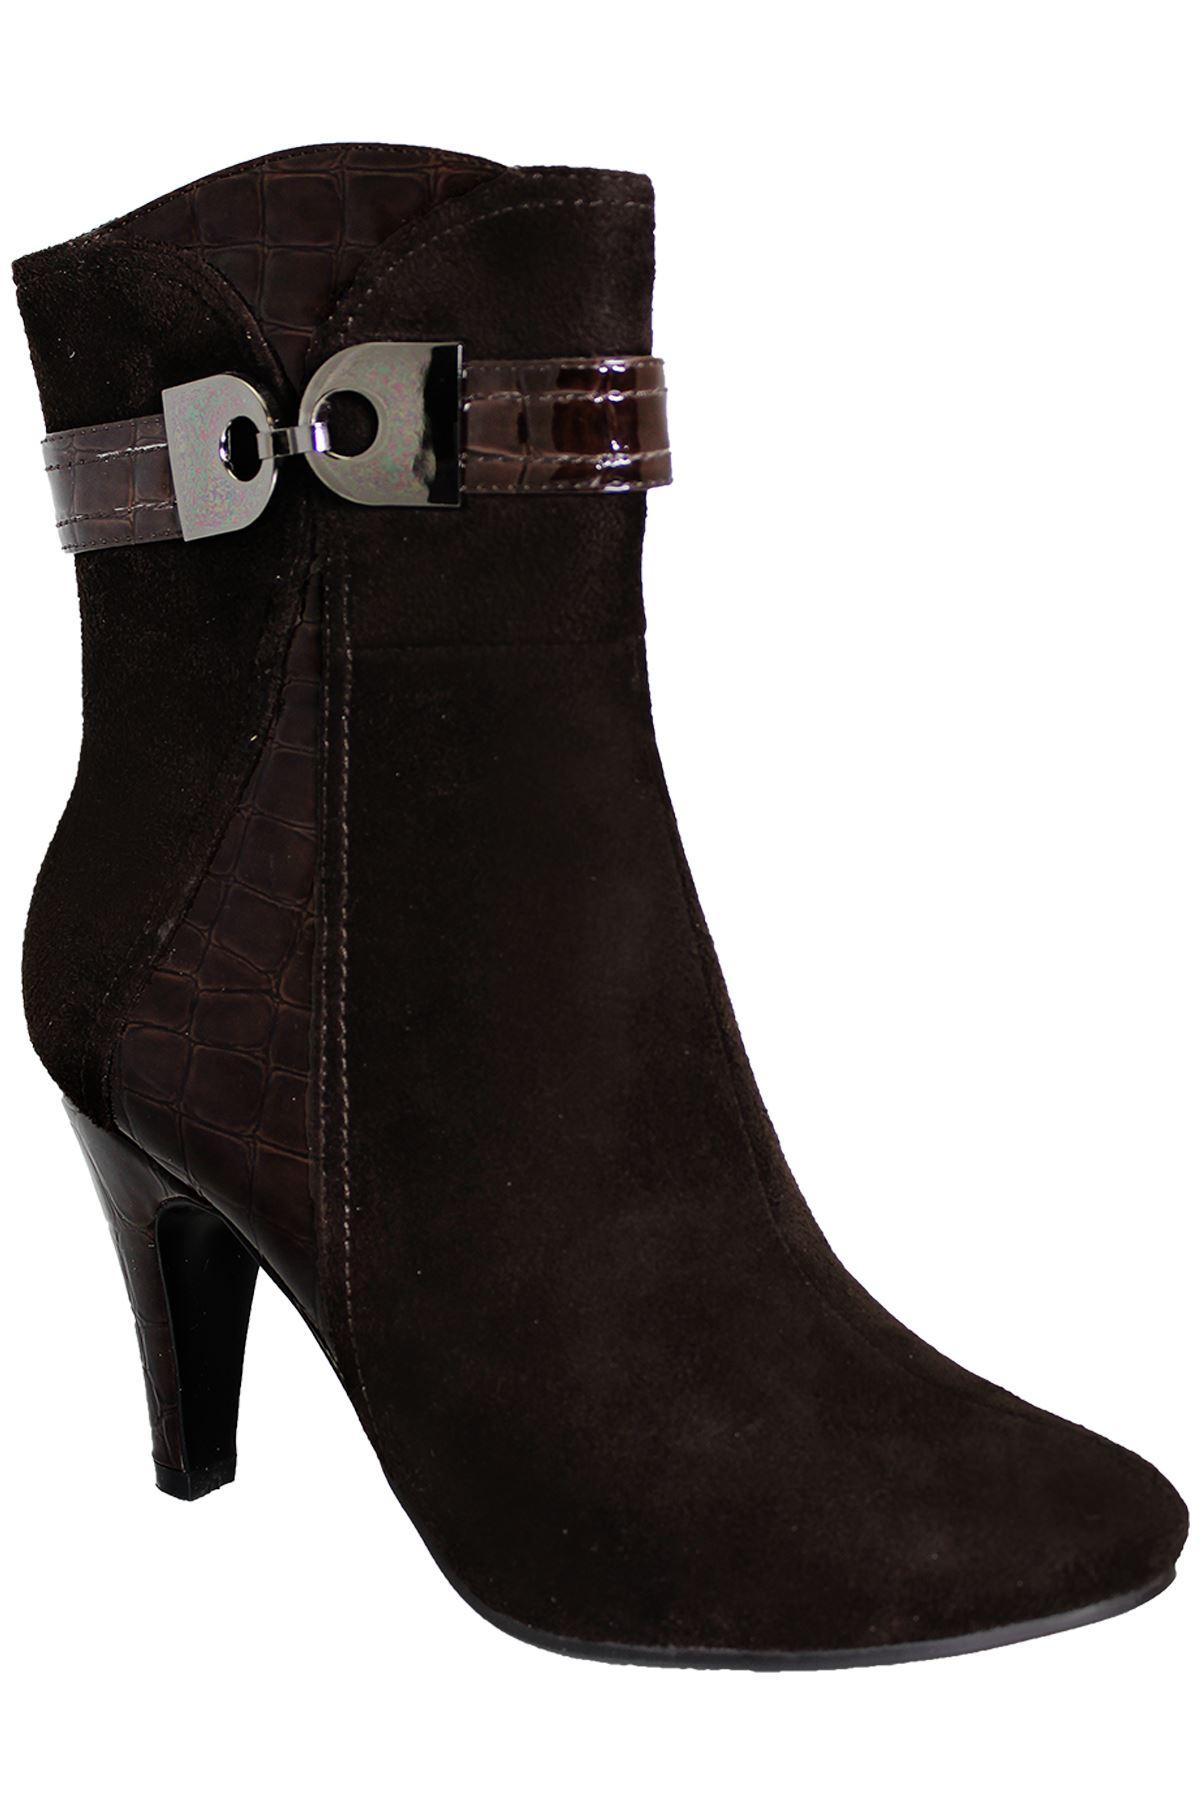 Onorevoli brevetto contrasto Warm in Pelle Scamosciata Buckle Accent alla Donna alla Accent Caviglia Tacco a4ca89